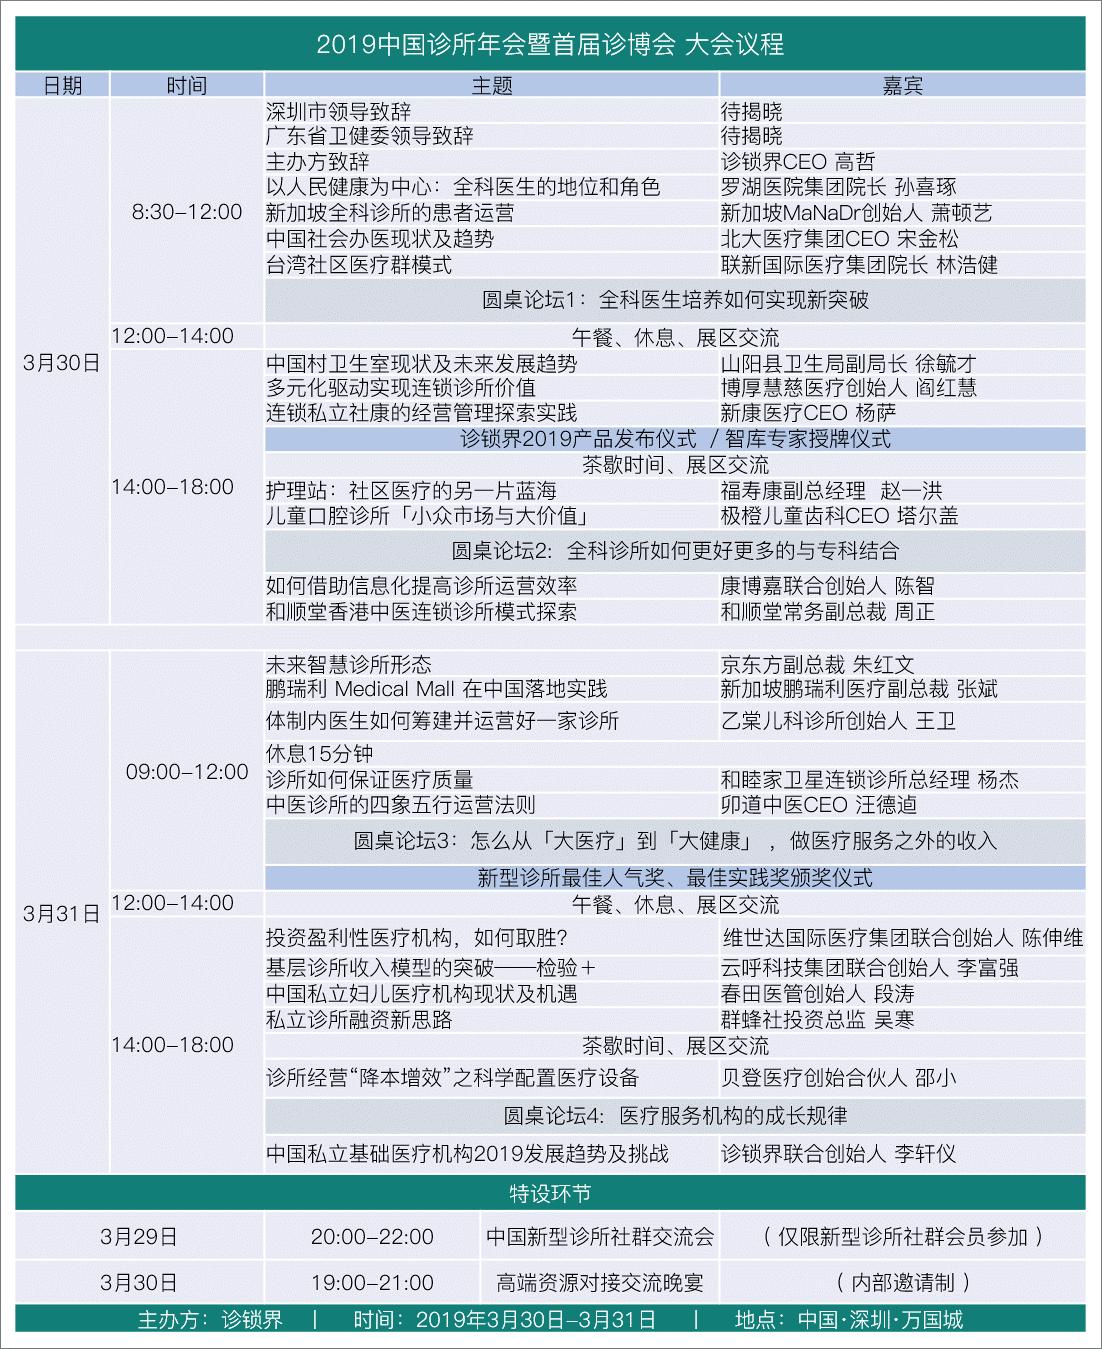 第三届中国诊所年会暨首届诊博会,相约广东深圳